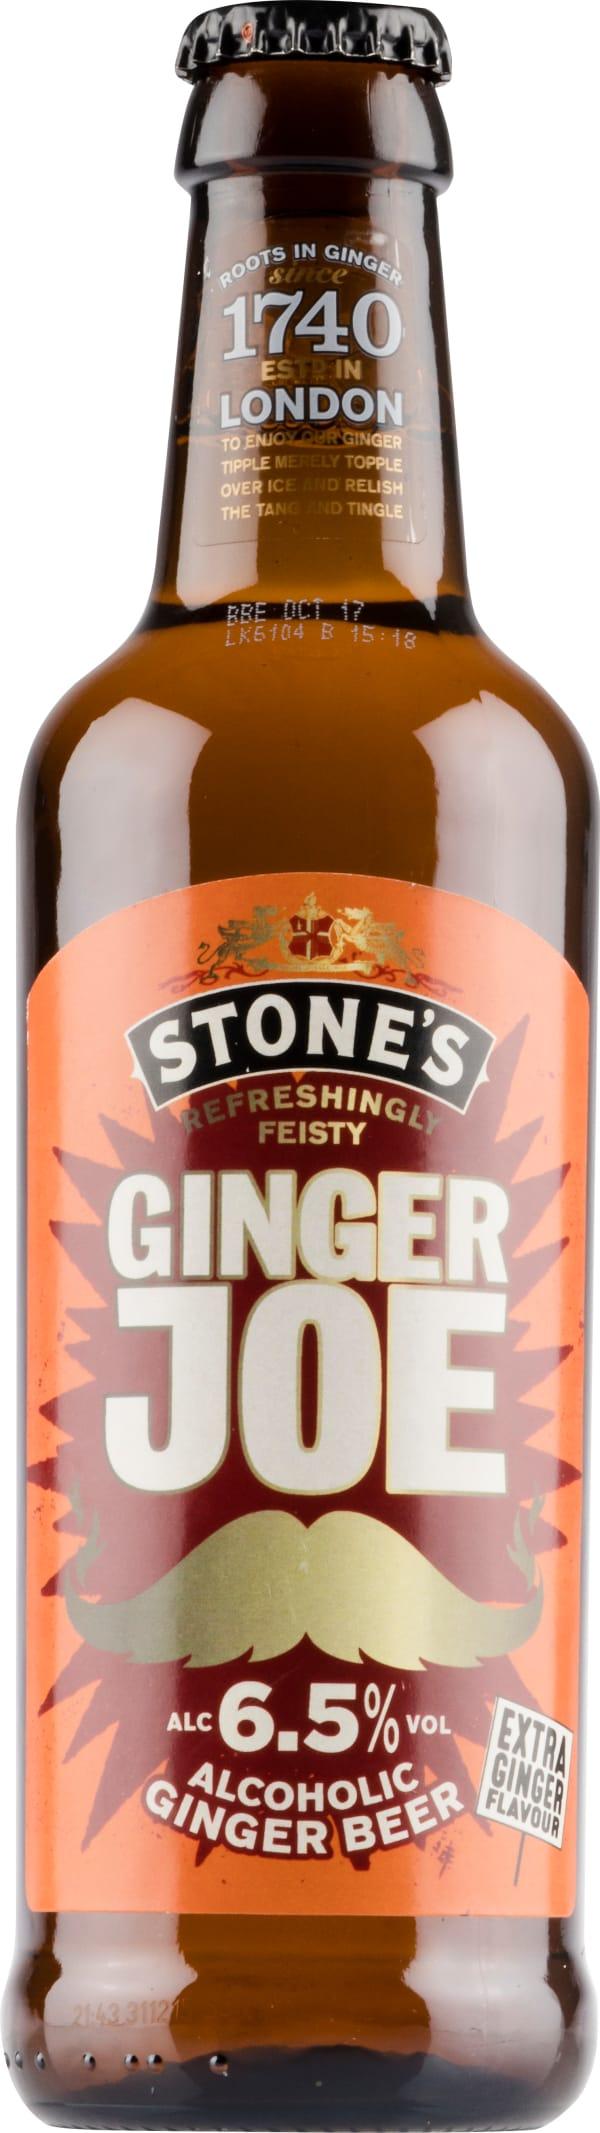 Stone's Ginger Joe Strong